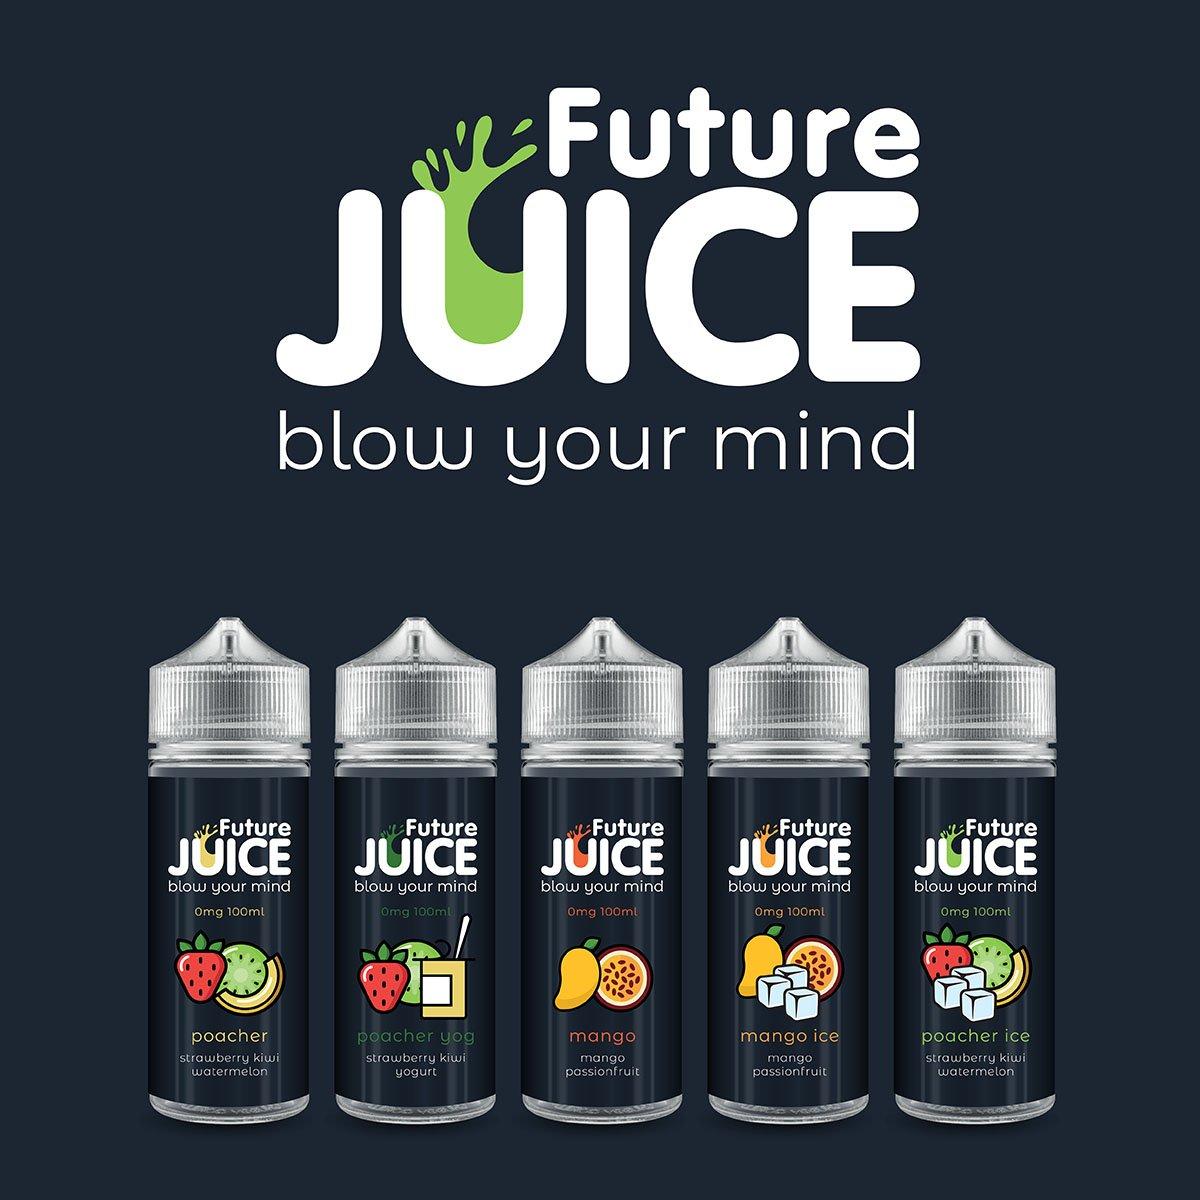 FutureJuiceDesign